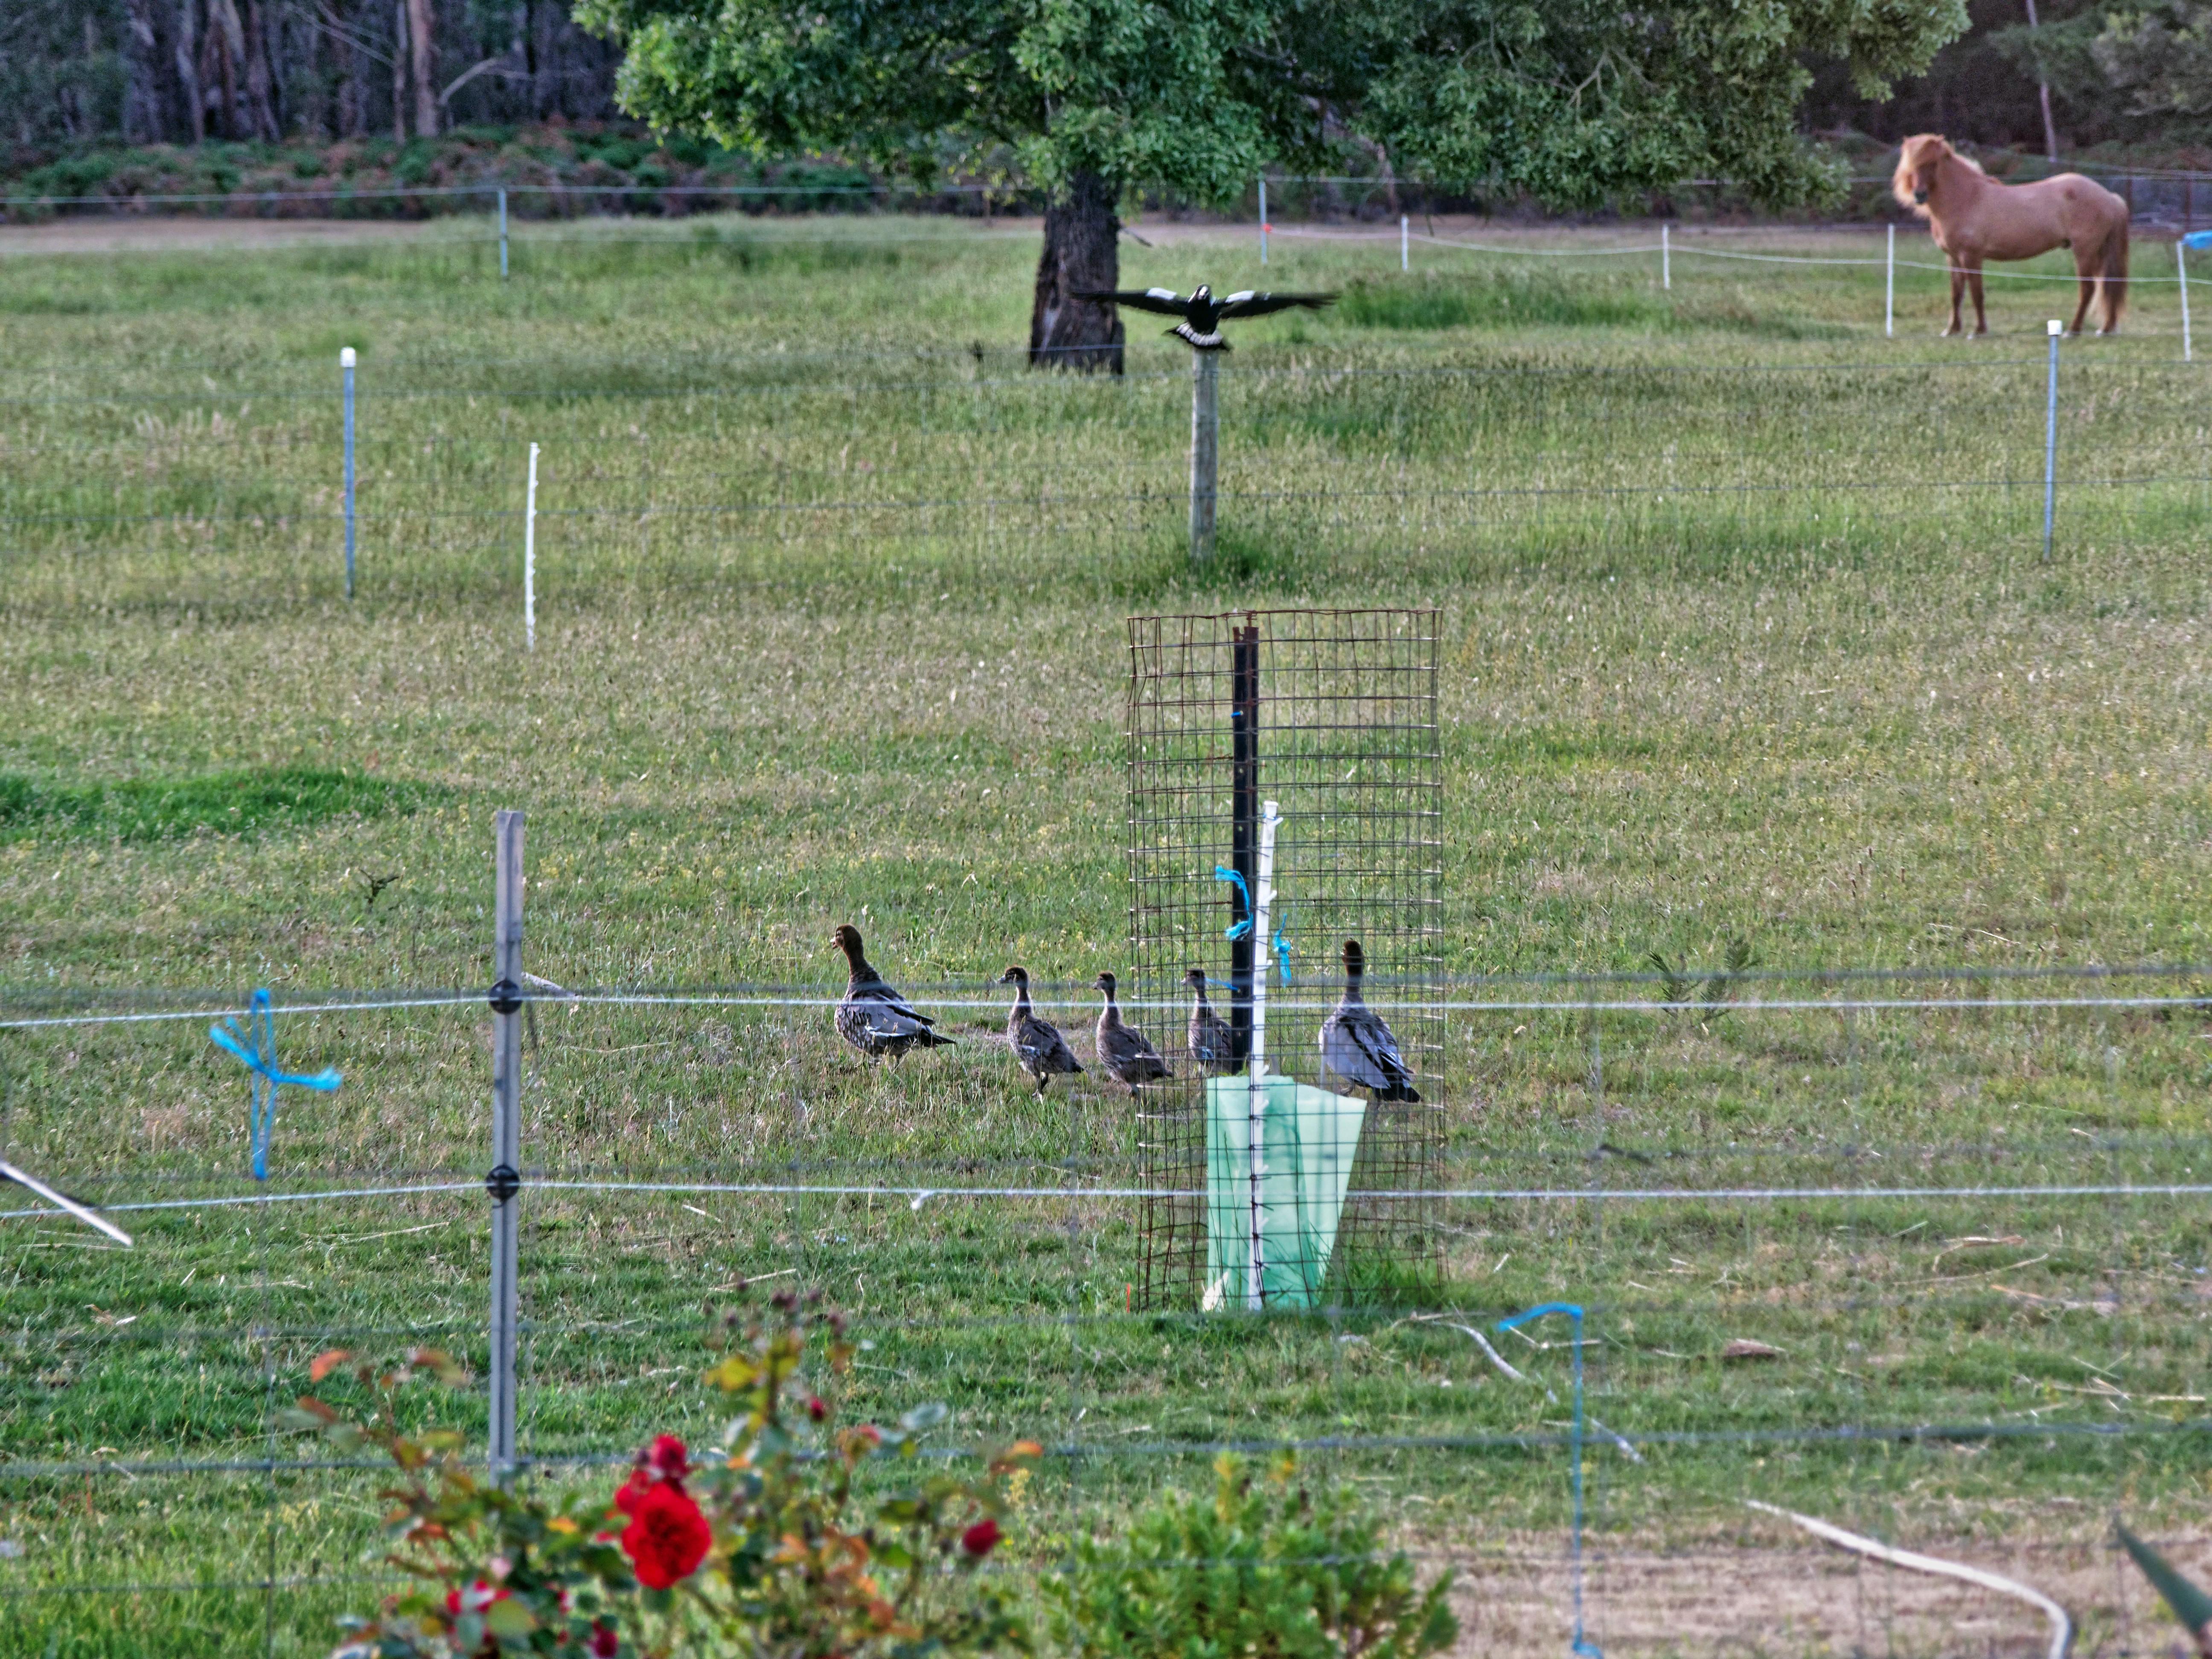 Magpies-and-ducks-4.jpeg